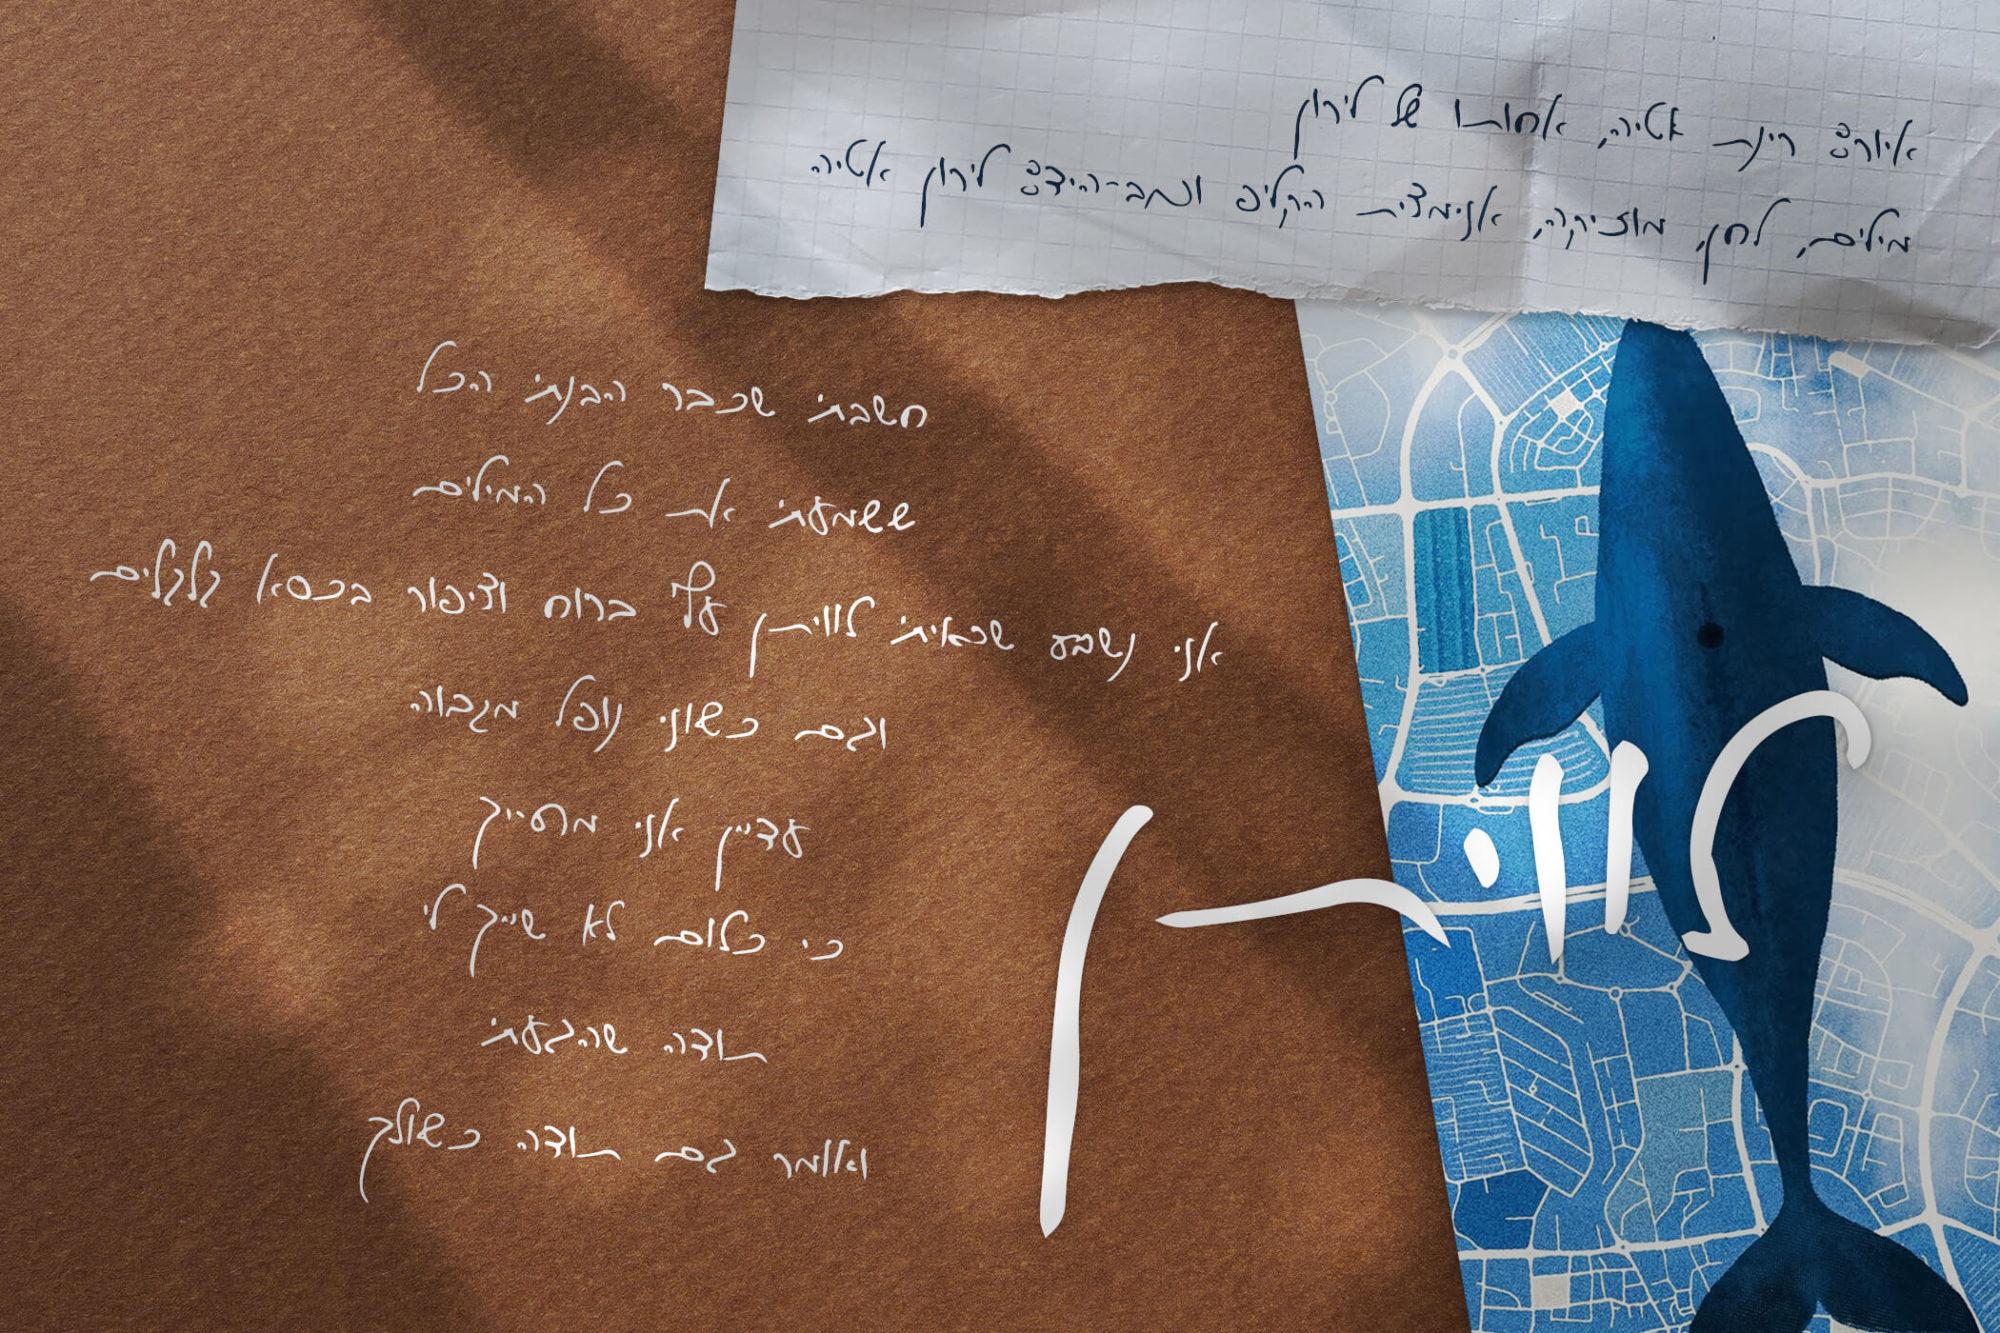 """עיצוב בפונט בכתב יד של השיר לוויתן. איור: רינת עטיה, אחותו של לירון מילים, לחן, מוזיקה, אנימצית הקליפ וכתב-היד: לירון עטיה. """"חשבתי שכבר הבנתי הכל ששמעתי את כל המילים אני נשבע שראיתי לוויתן עף ברוח וציפור בכסא גלגלים וגם כשאני נופל מגבוה עדיין אני מחייך כי כלום לא שייך לי תודה שהגעתי ואומר גם תודה כשאלך"""""""